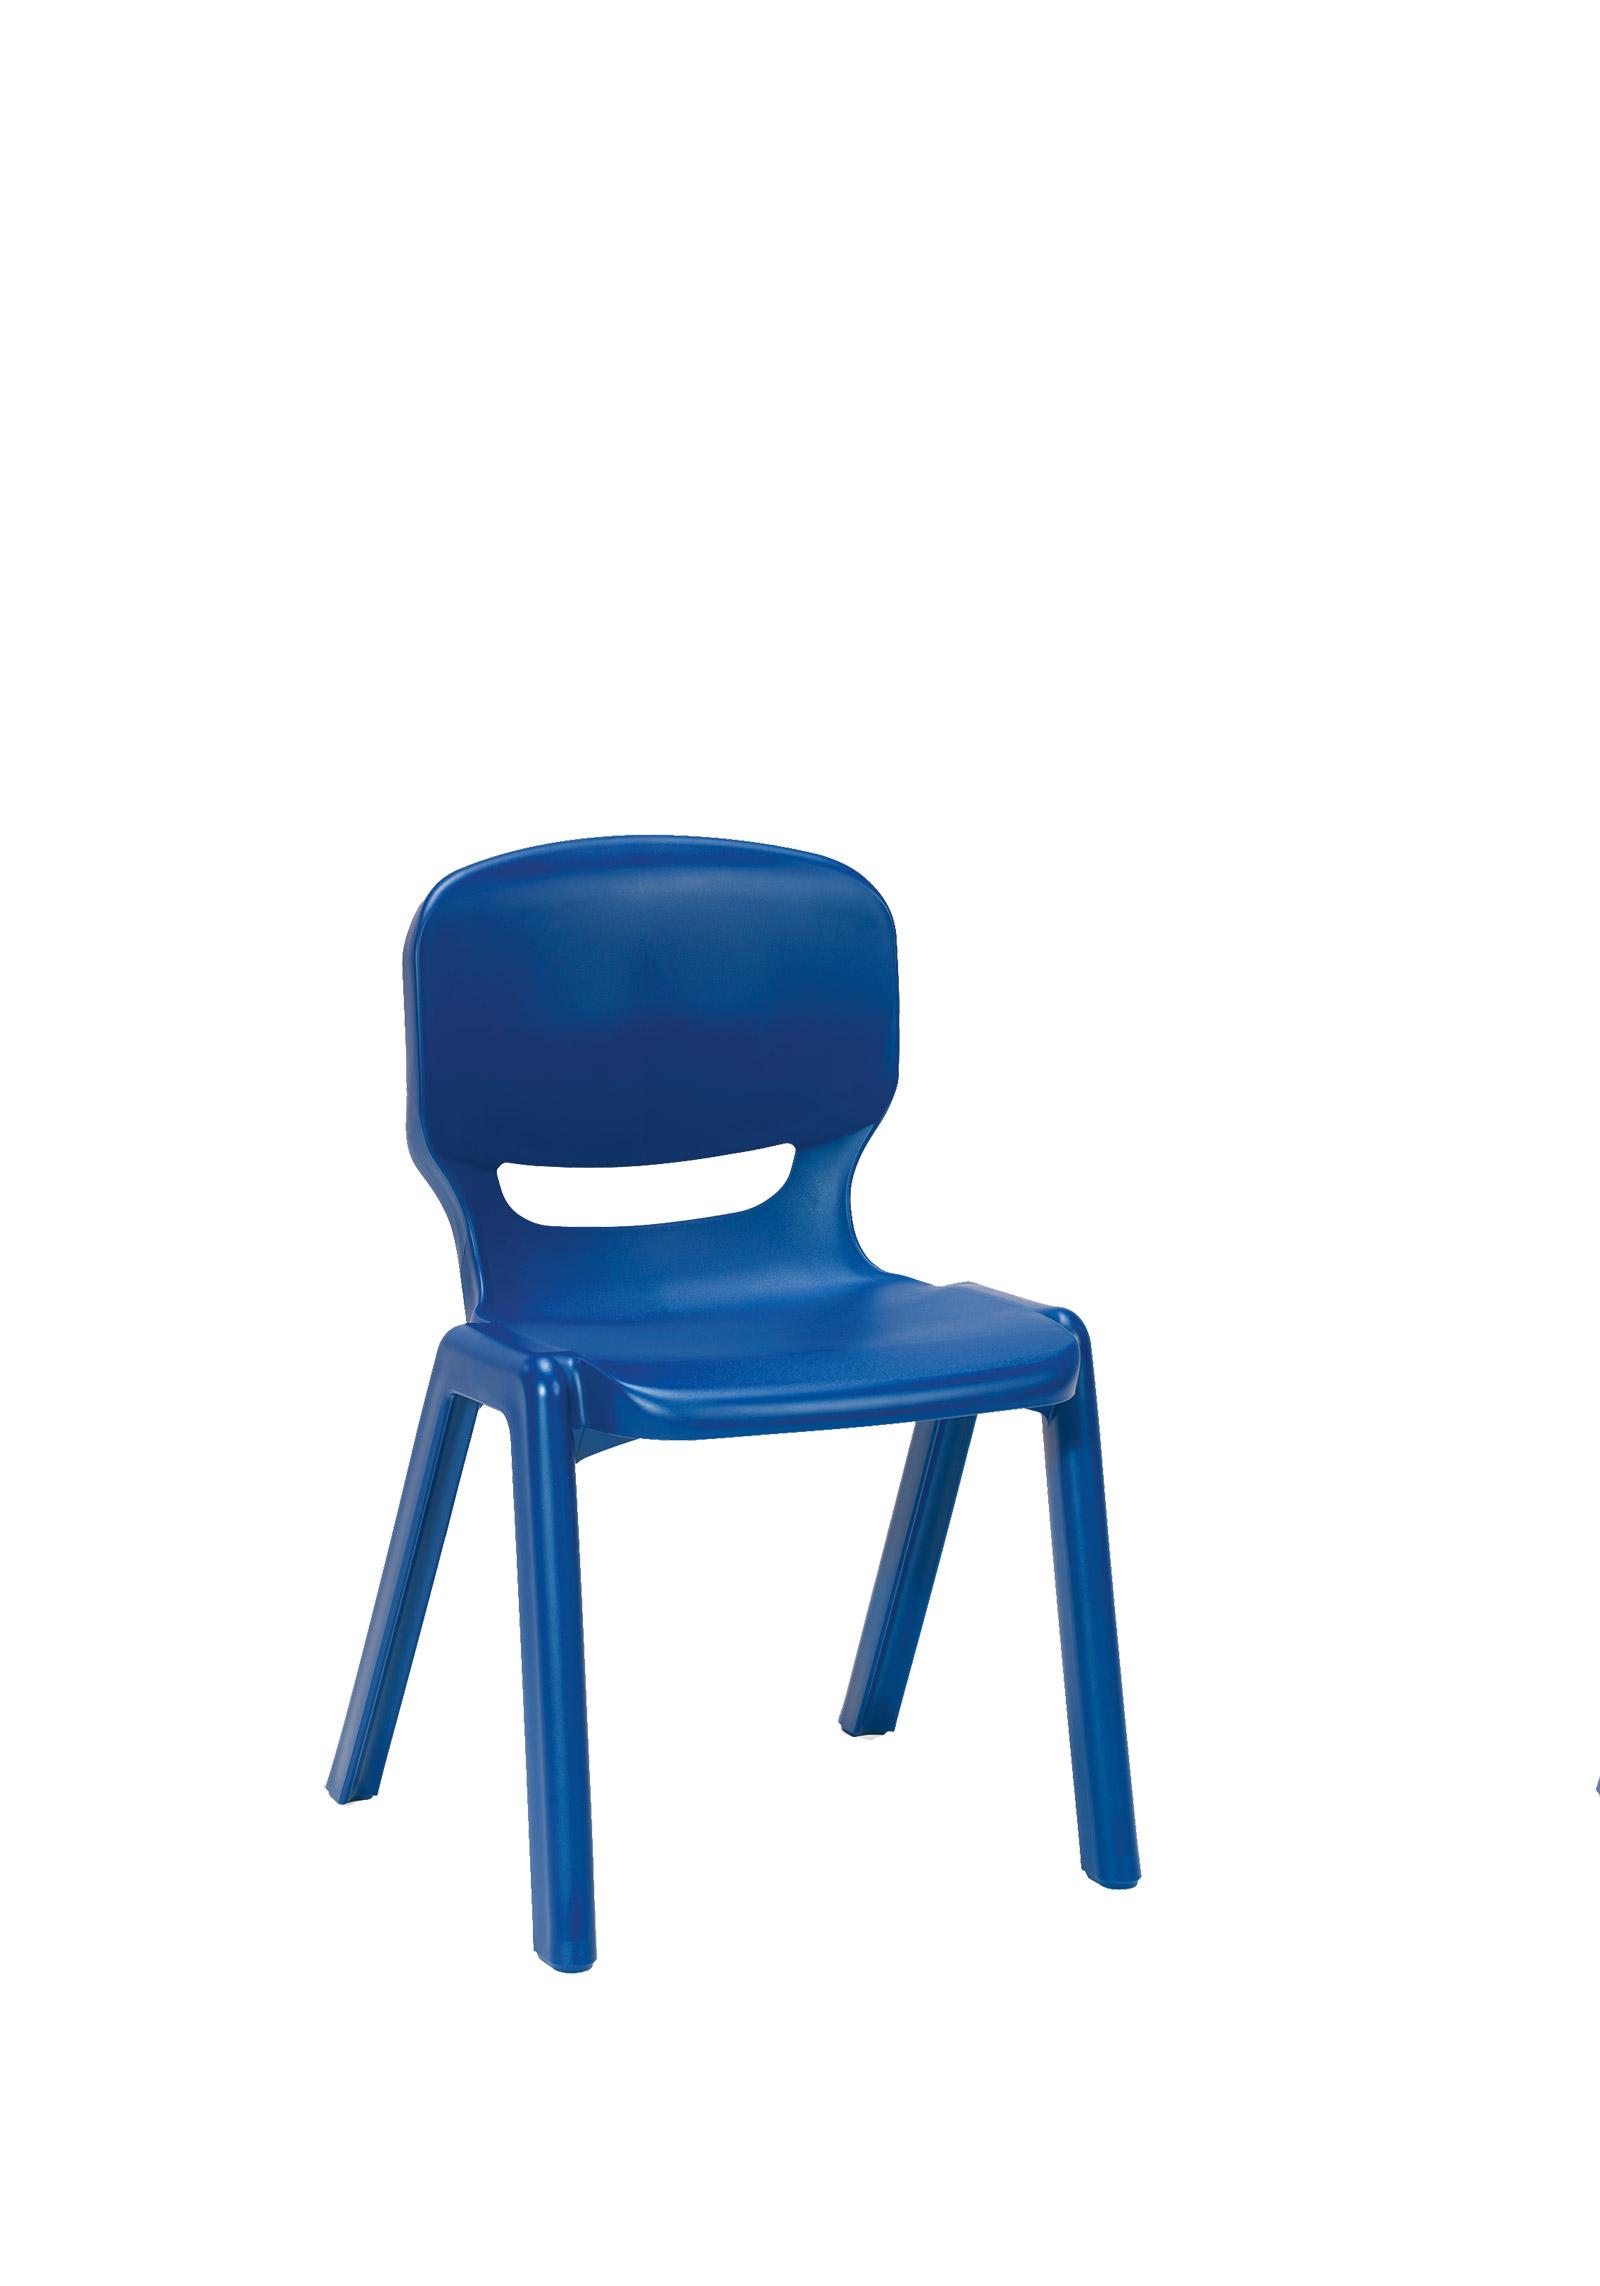 Ergos Versatile e Piece Educational Chair For Nursery Age Blue